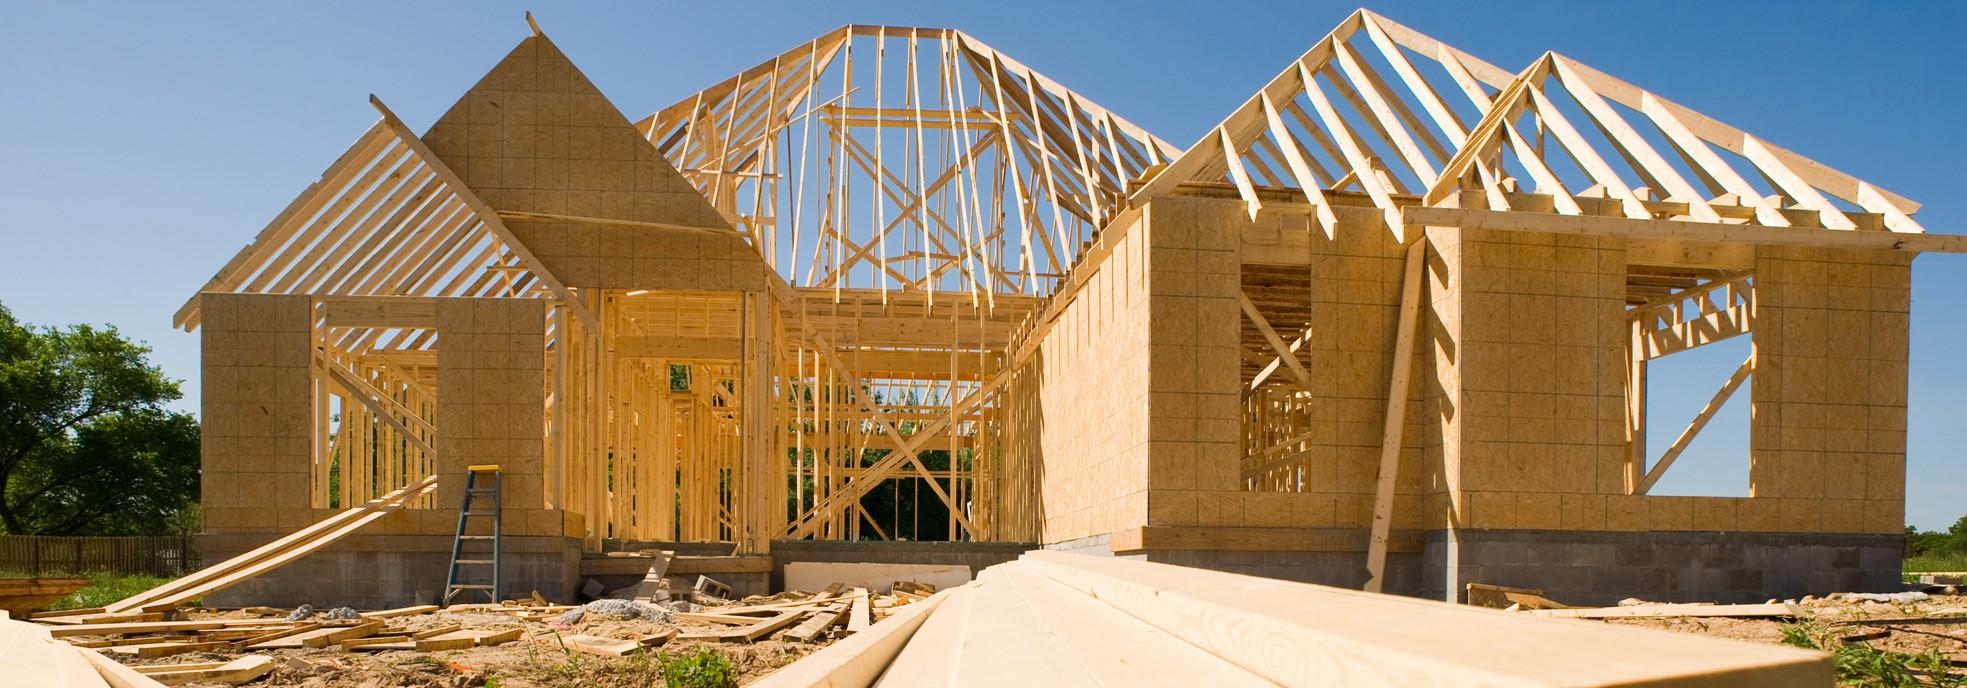 Maison Ecologique En Bois - Maisonécologique en bois 31 SPCME